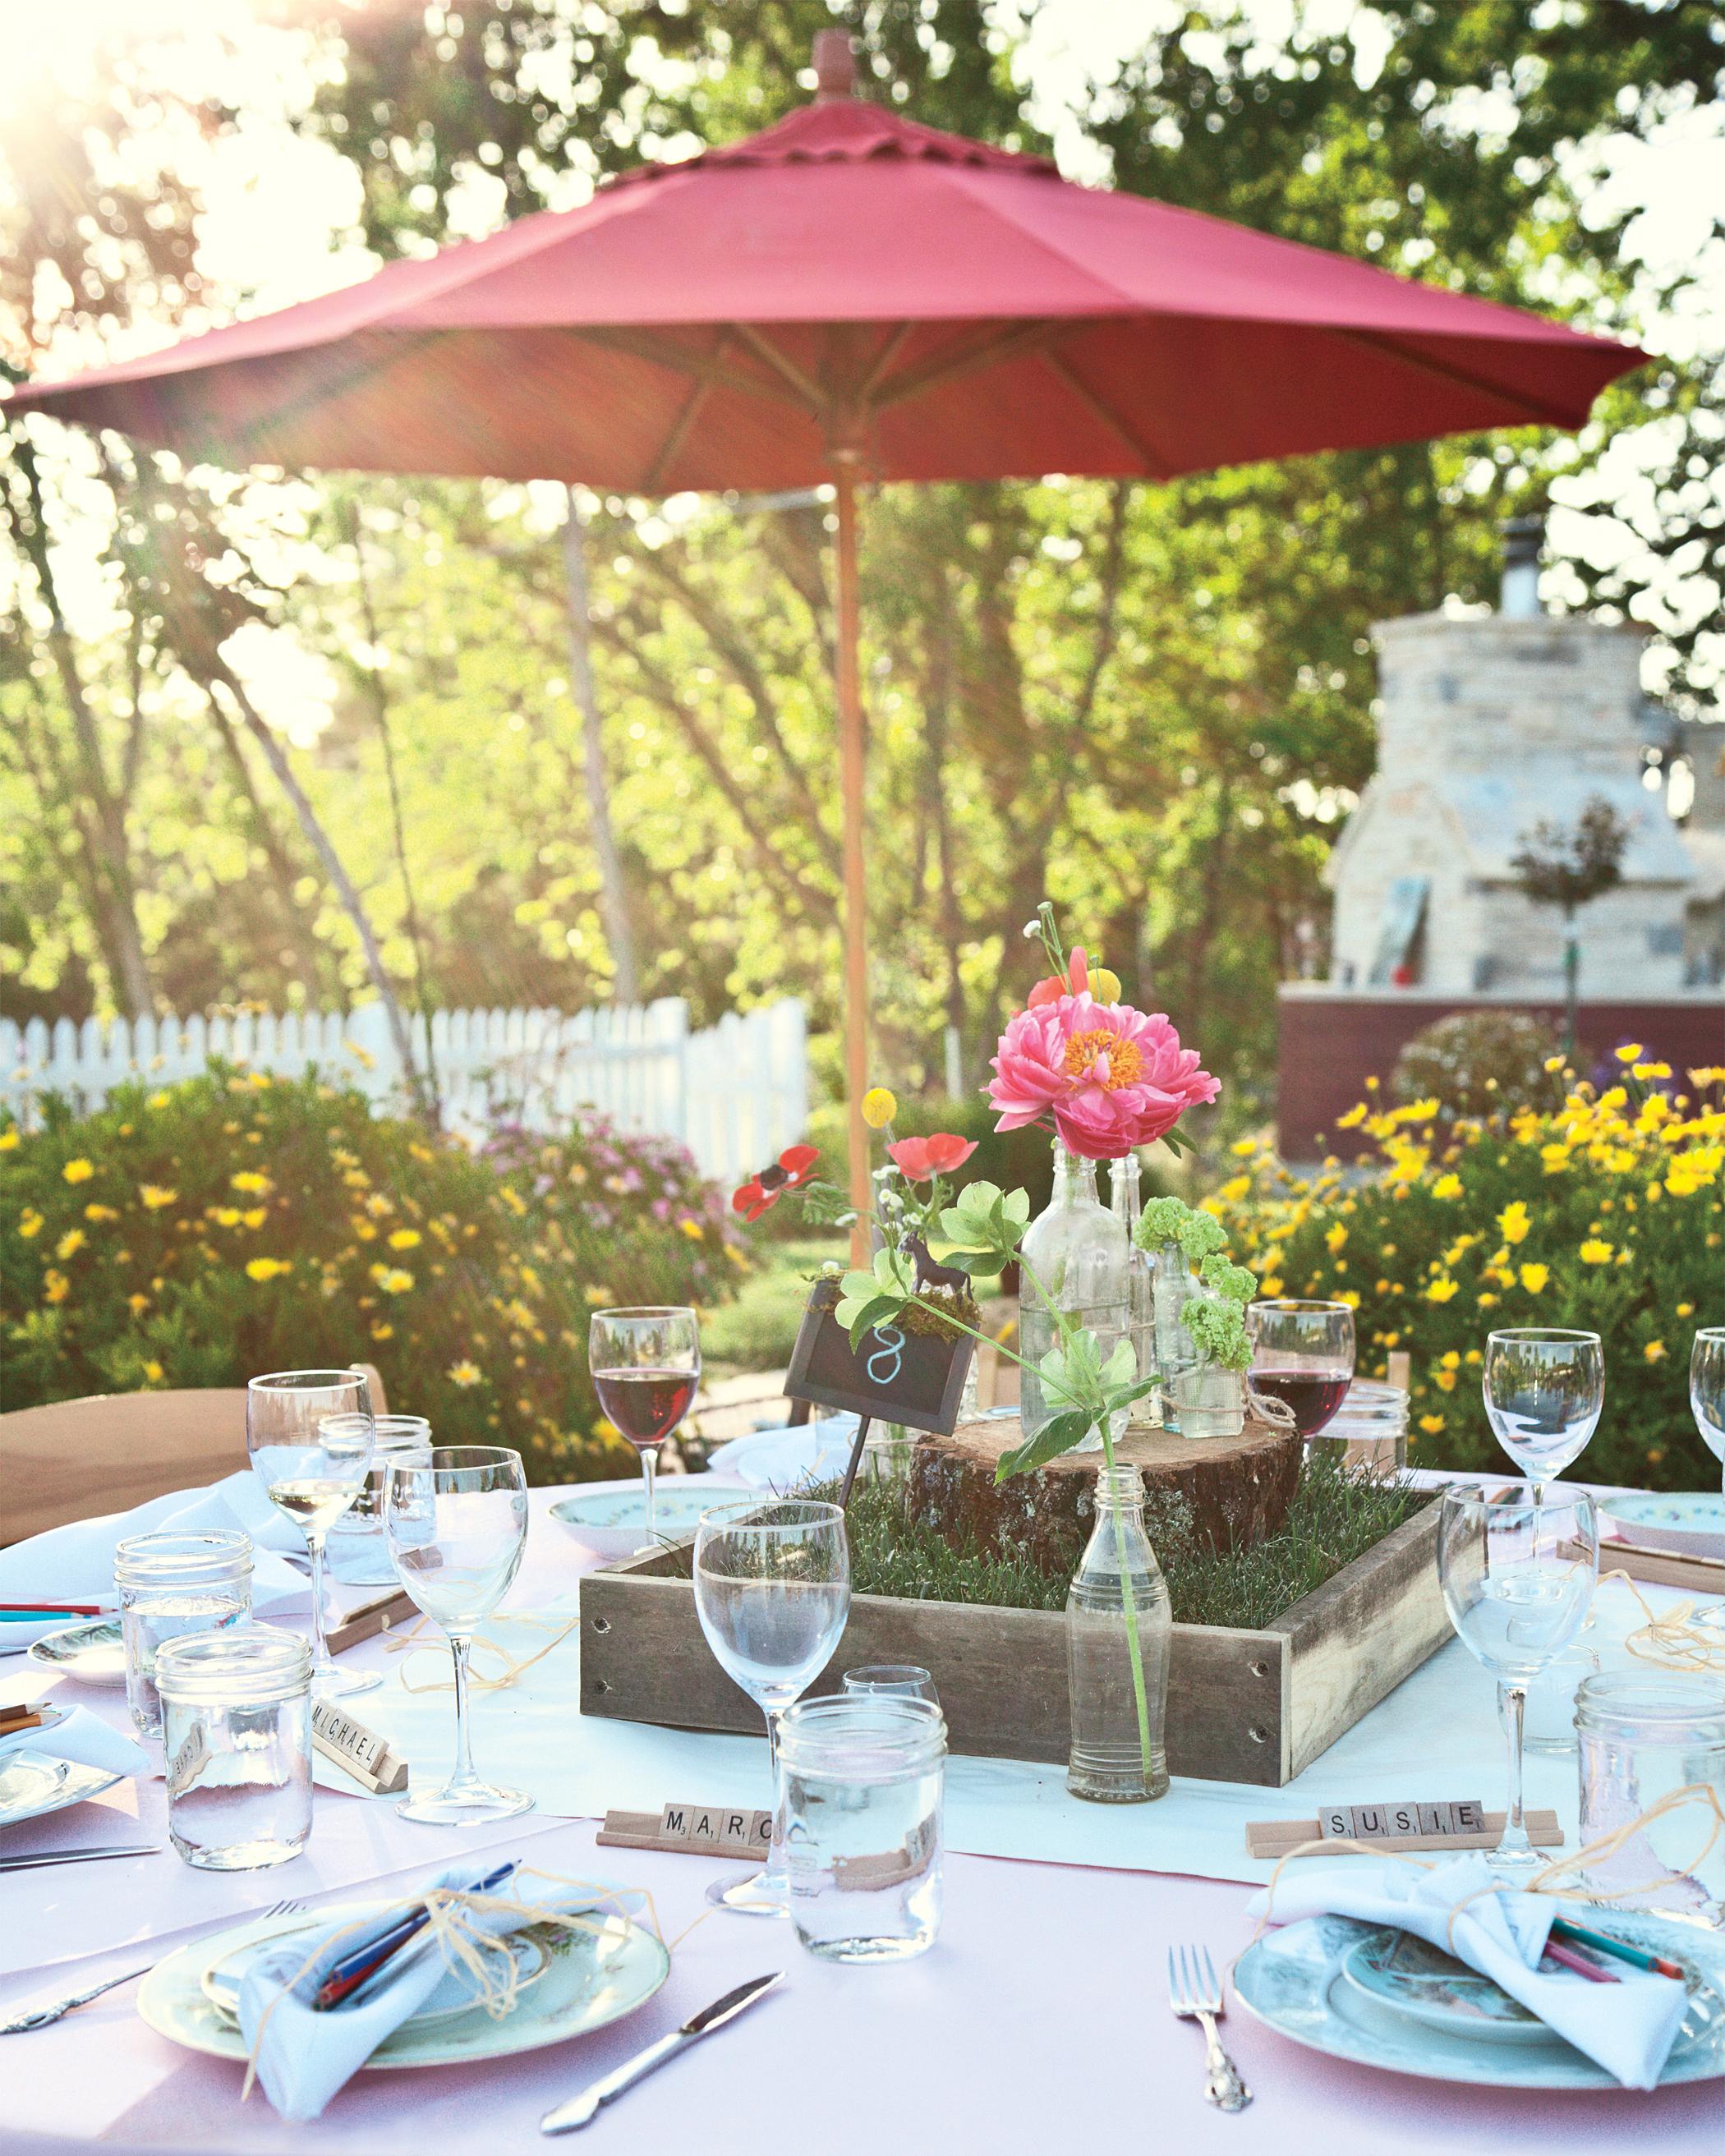 rw-tables-0811mwds107012.jpg